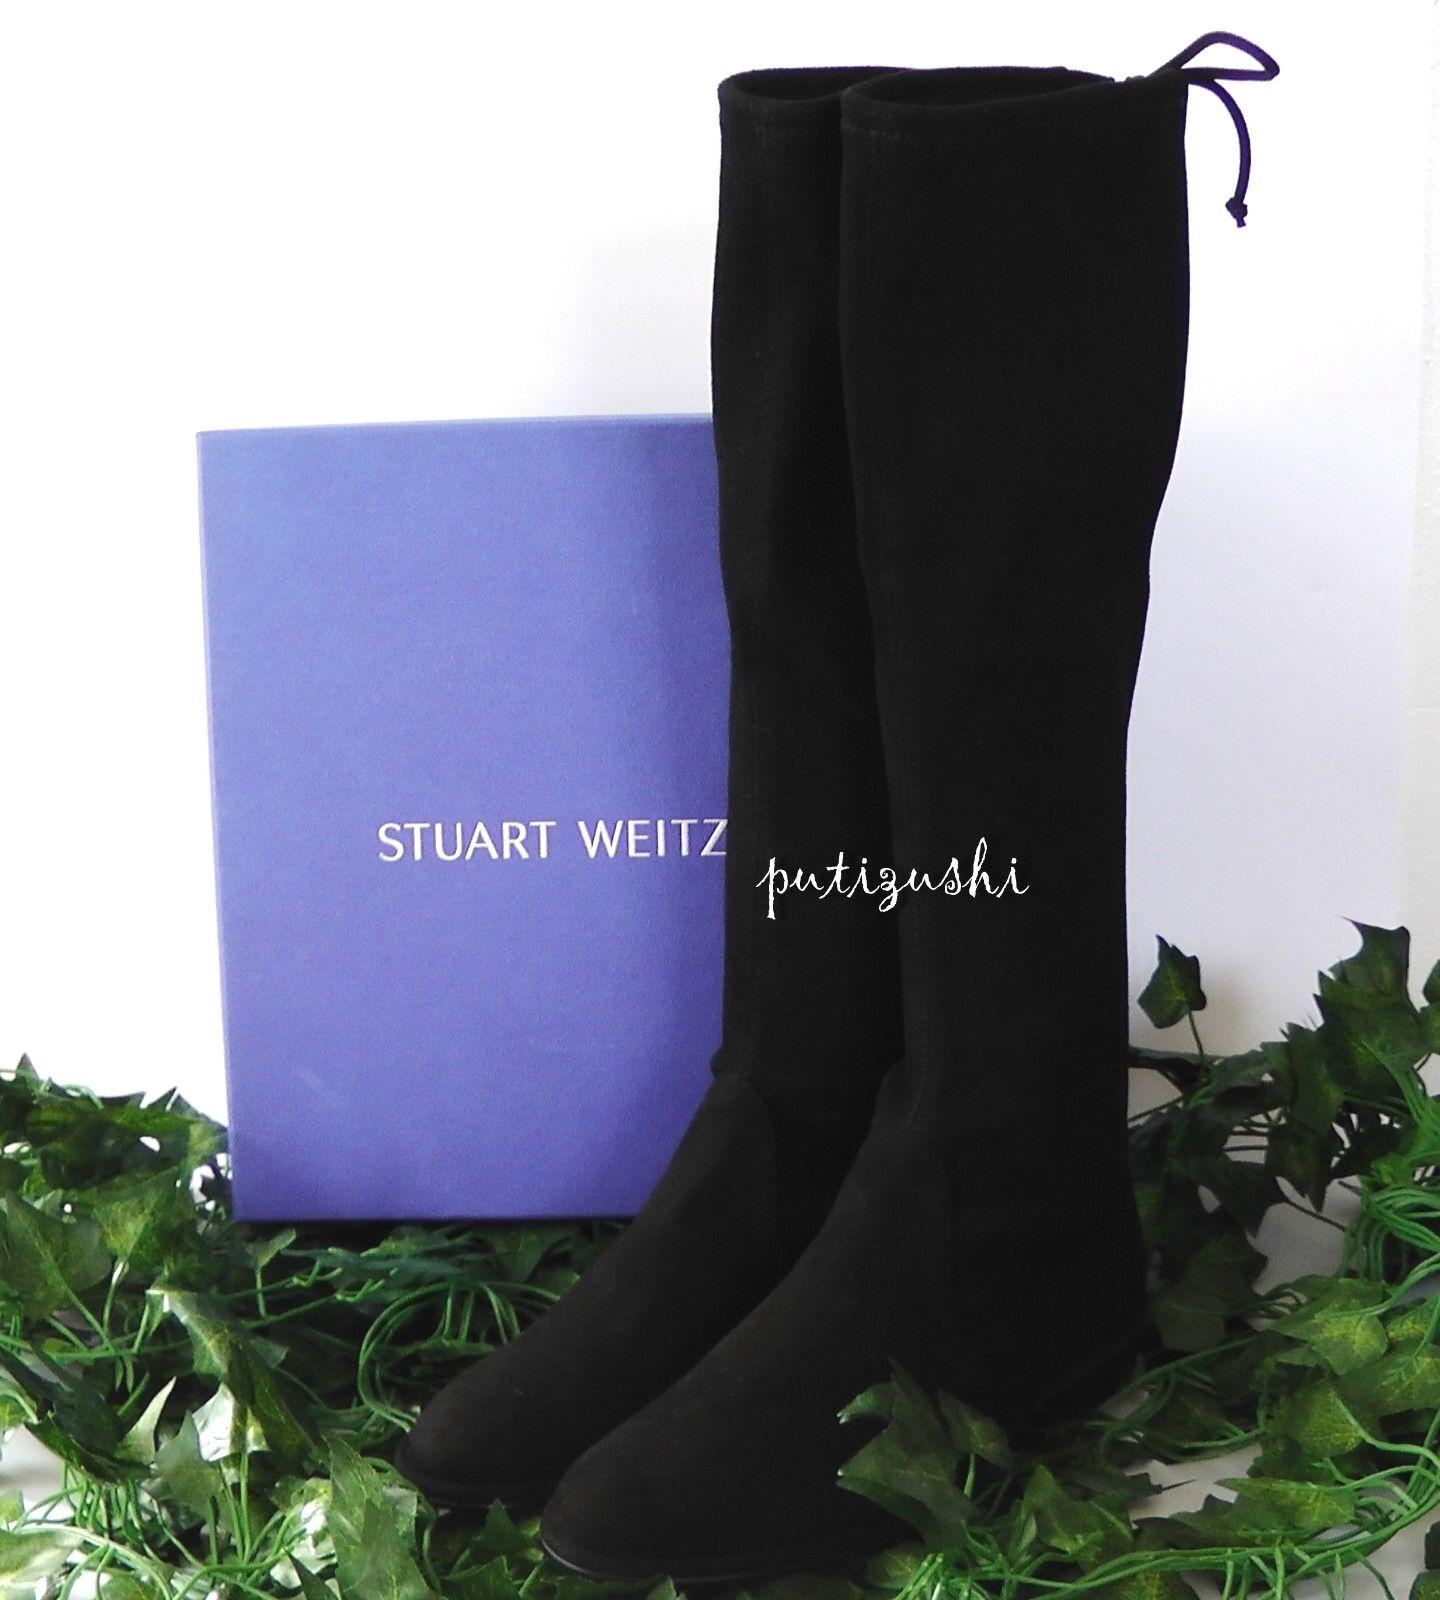 servicio de primera clase Nuevo Nuevo Nuevo En Caja Stuart Weitzman kneezie Gamuza bota, Negro, 6 M EE. UU.  Con 100% de calidad y servicio de% 100.